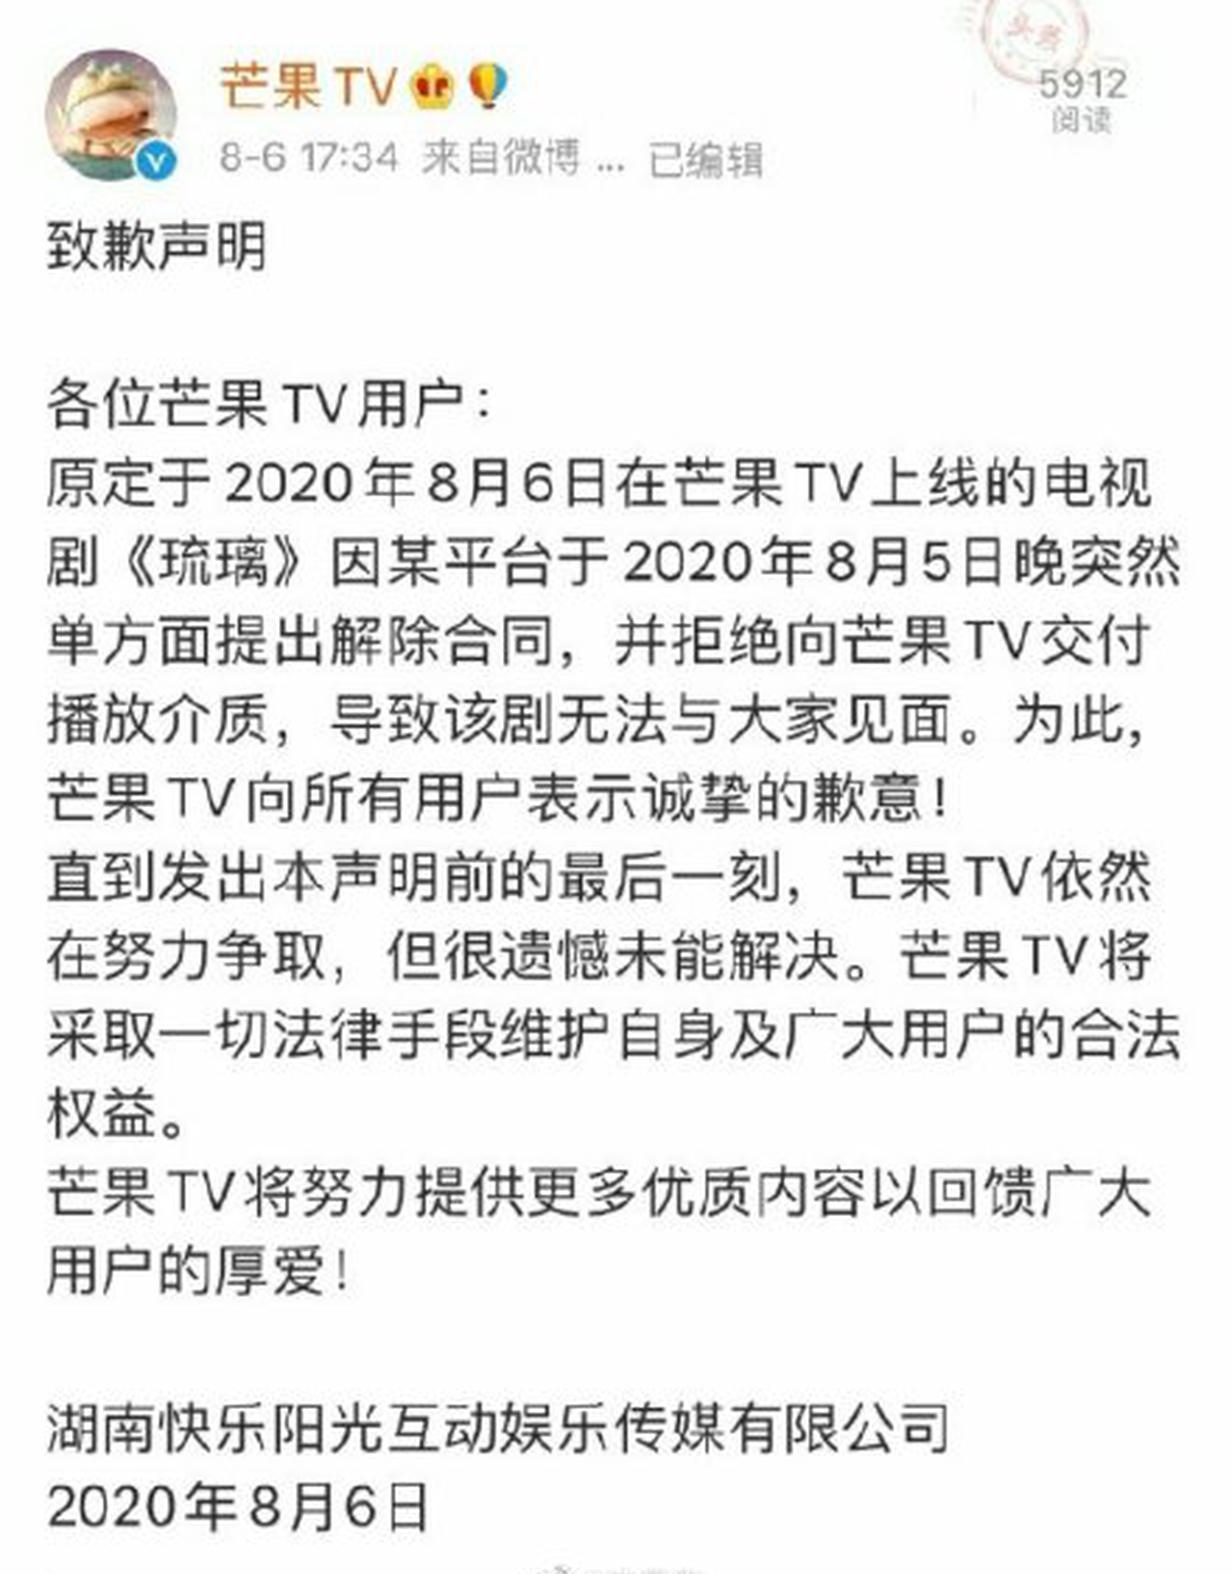 芒果曝因某平台拒交付《琉璃》无法如期上线